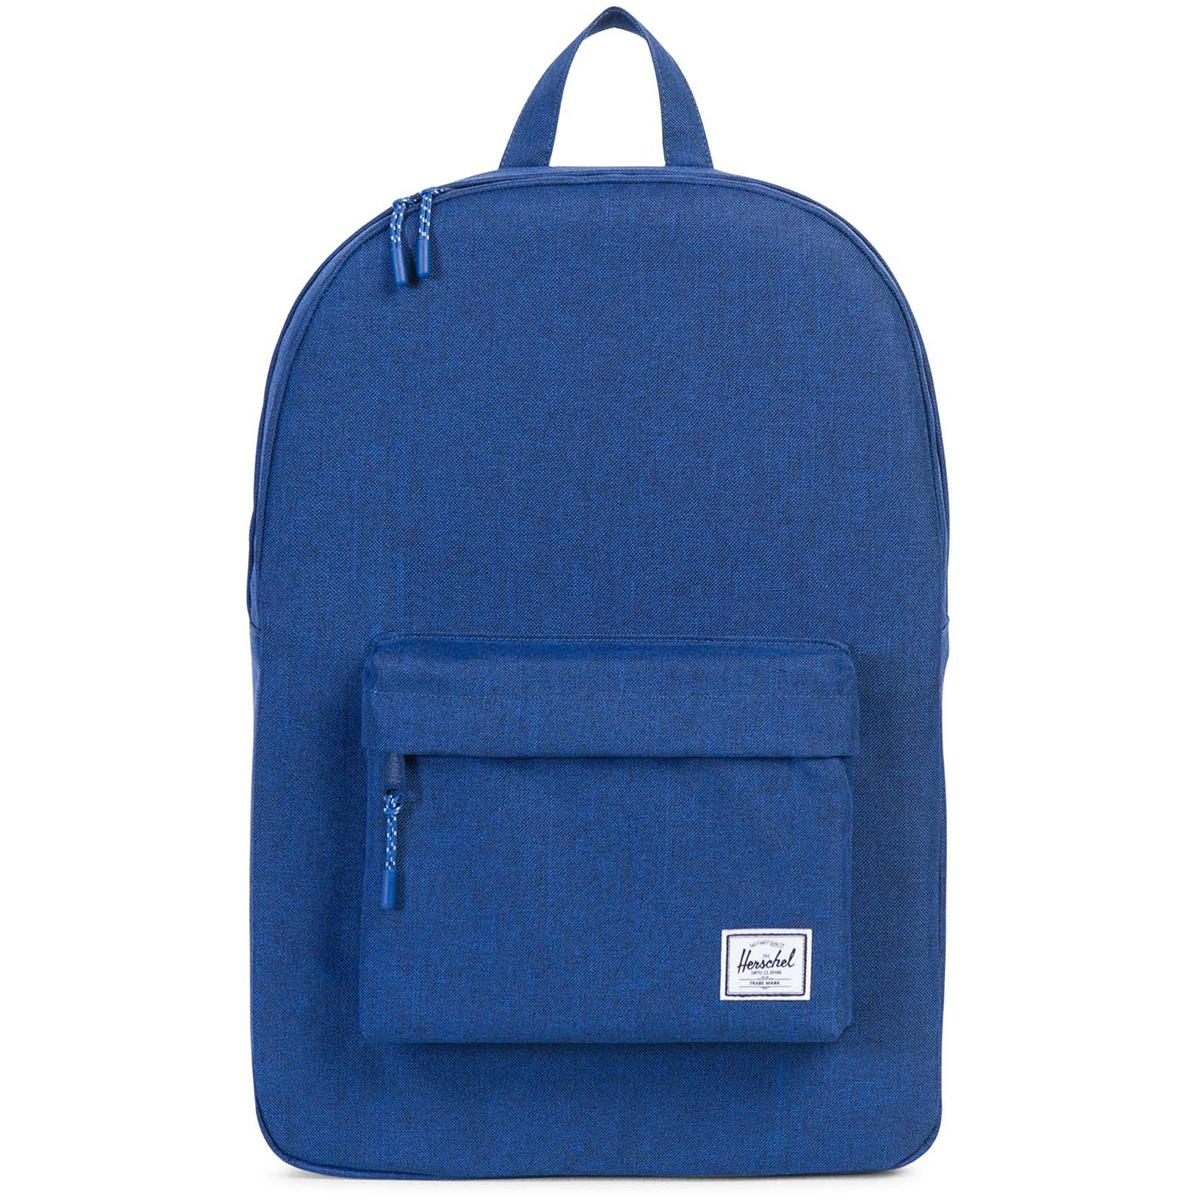 Рюкзак городской Herschel Classic (A/S), цвет: синий. 828432122561MHDR2G/AРюкзак Herschel Classic целиком и полностью оправдывает свое название, выражая совершенство в лаконичных и идеальных линиях. Этот рюкзак создан для любых целей и поездок и отлично впишется в абсолютно любой стиль.